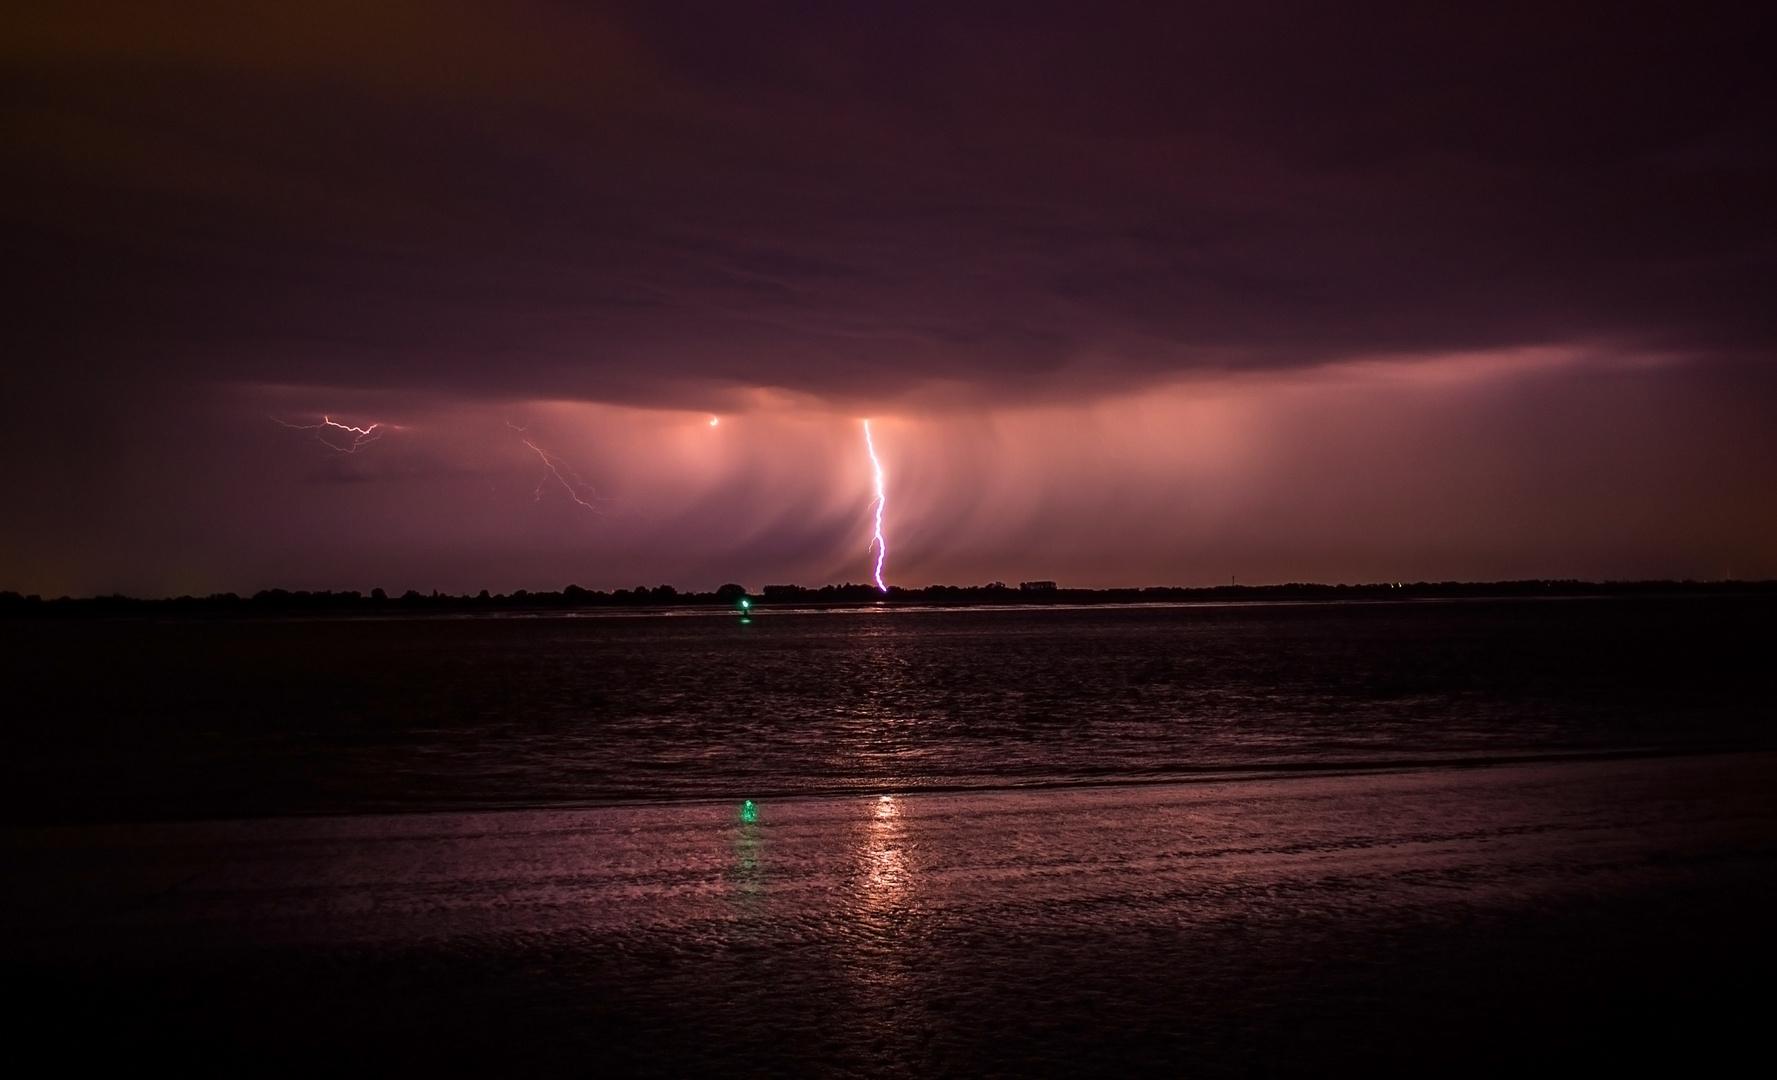 lightning # 01